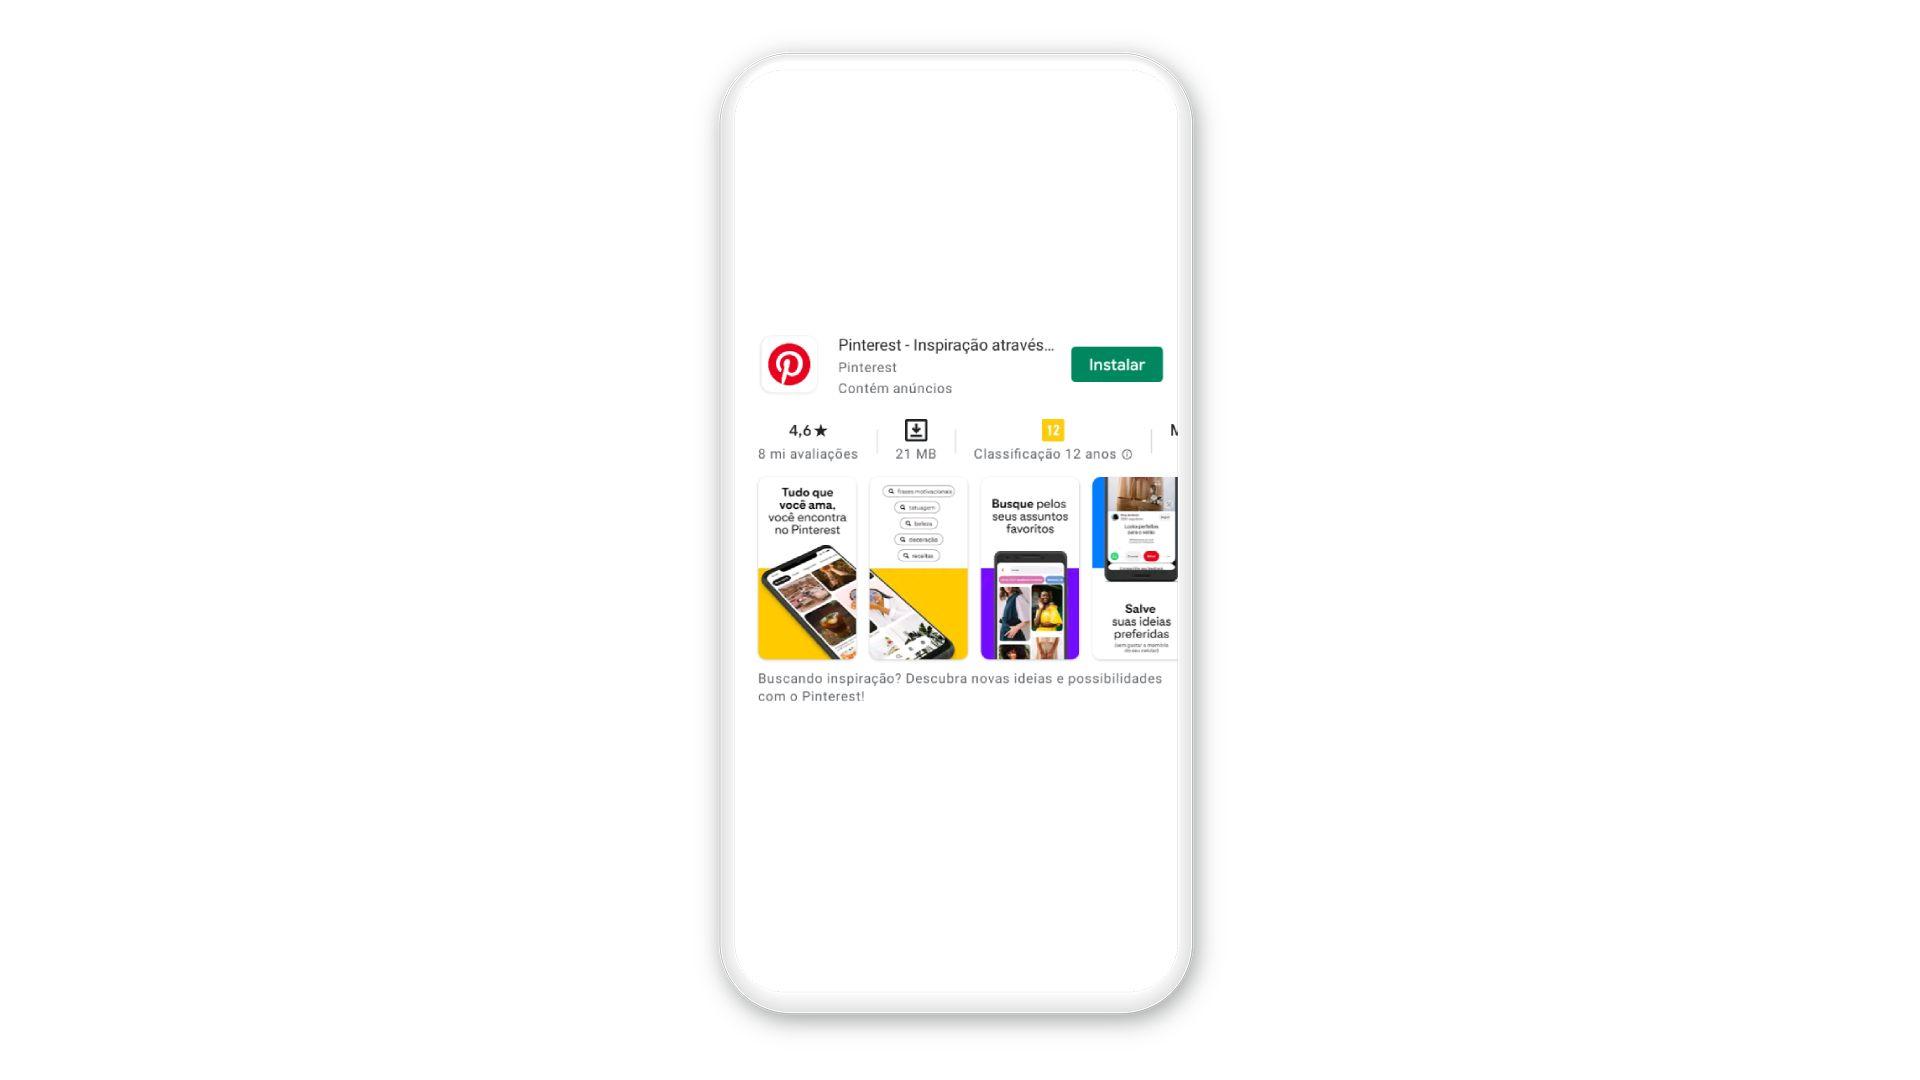 O Pinterest pode ser baixado em celulares iOS e Android (Imagem: Reprodução)